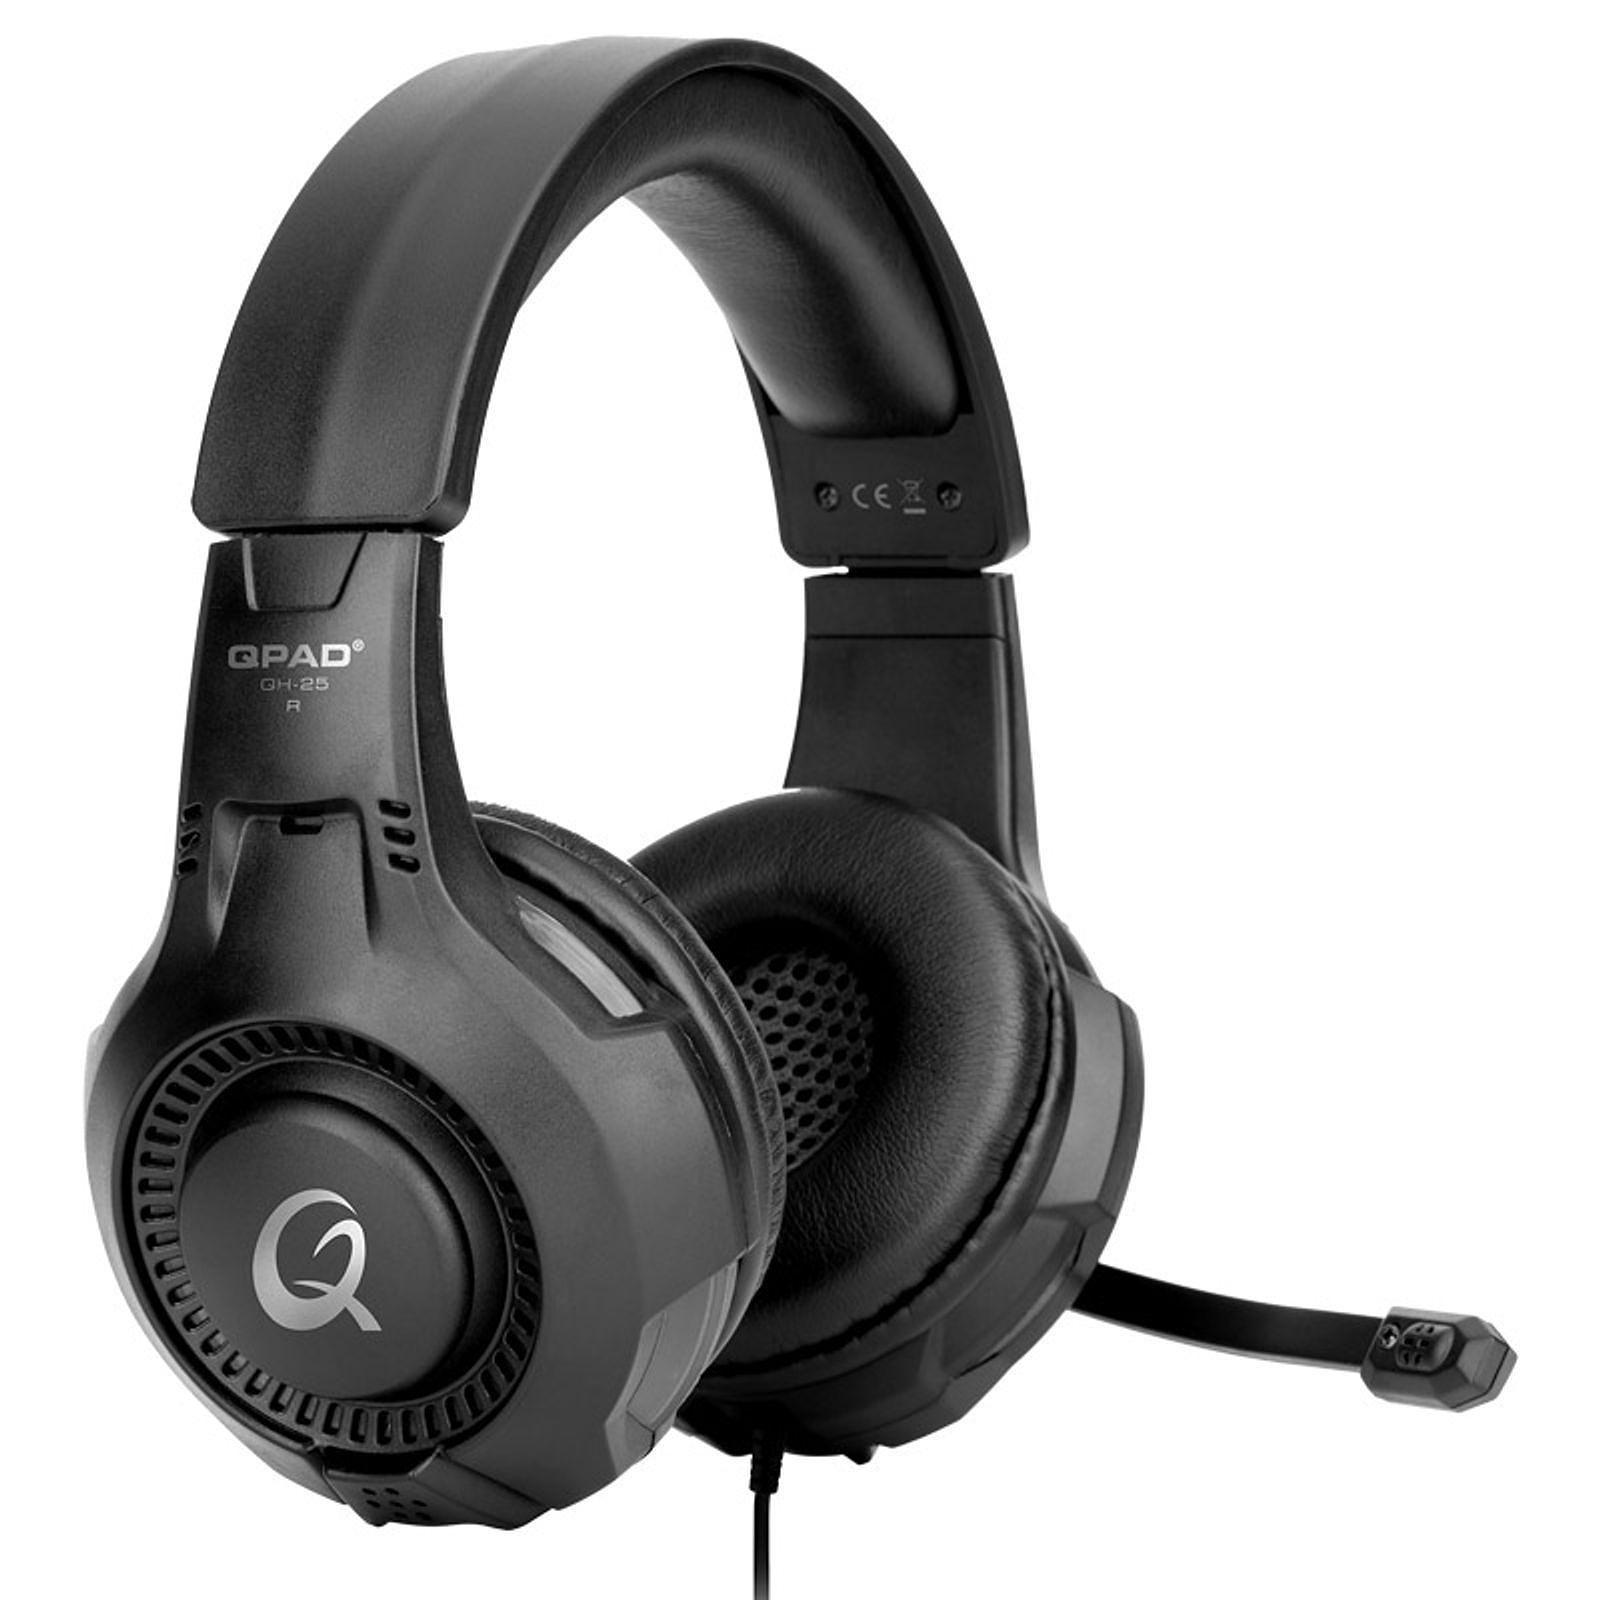 QPAD QH-25 True 7.1 Noir - Micro-casque - Cybertek.fr - 1